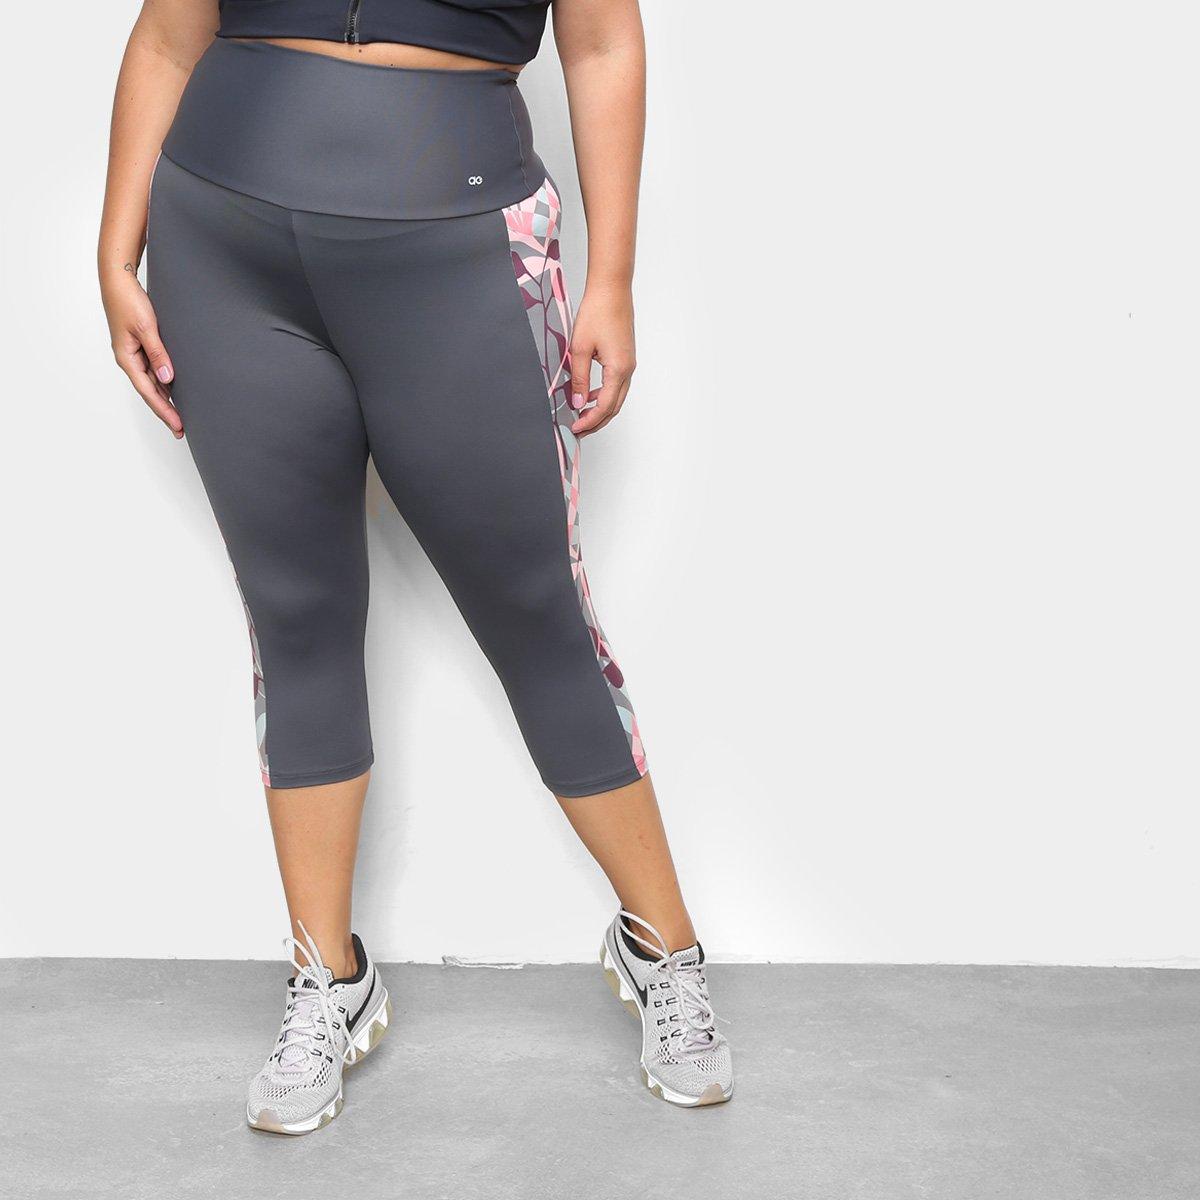 Corsário Alto Giro Athletic Sublimação Plus Size Feminina